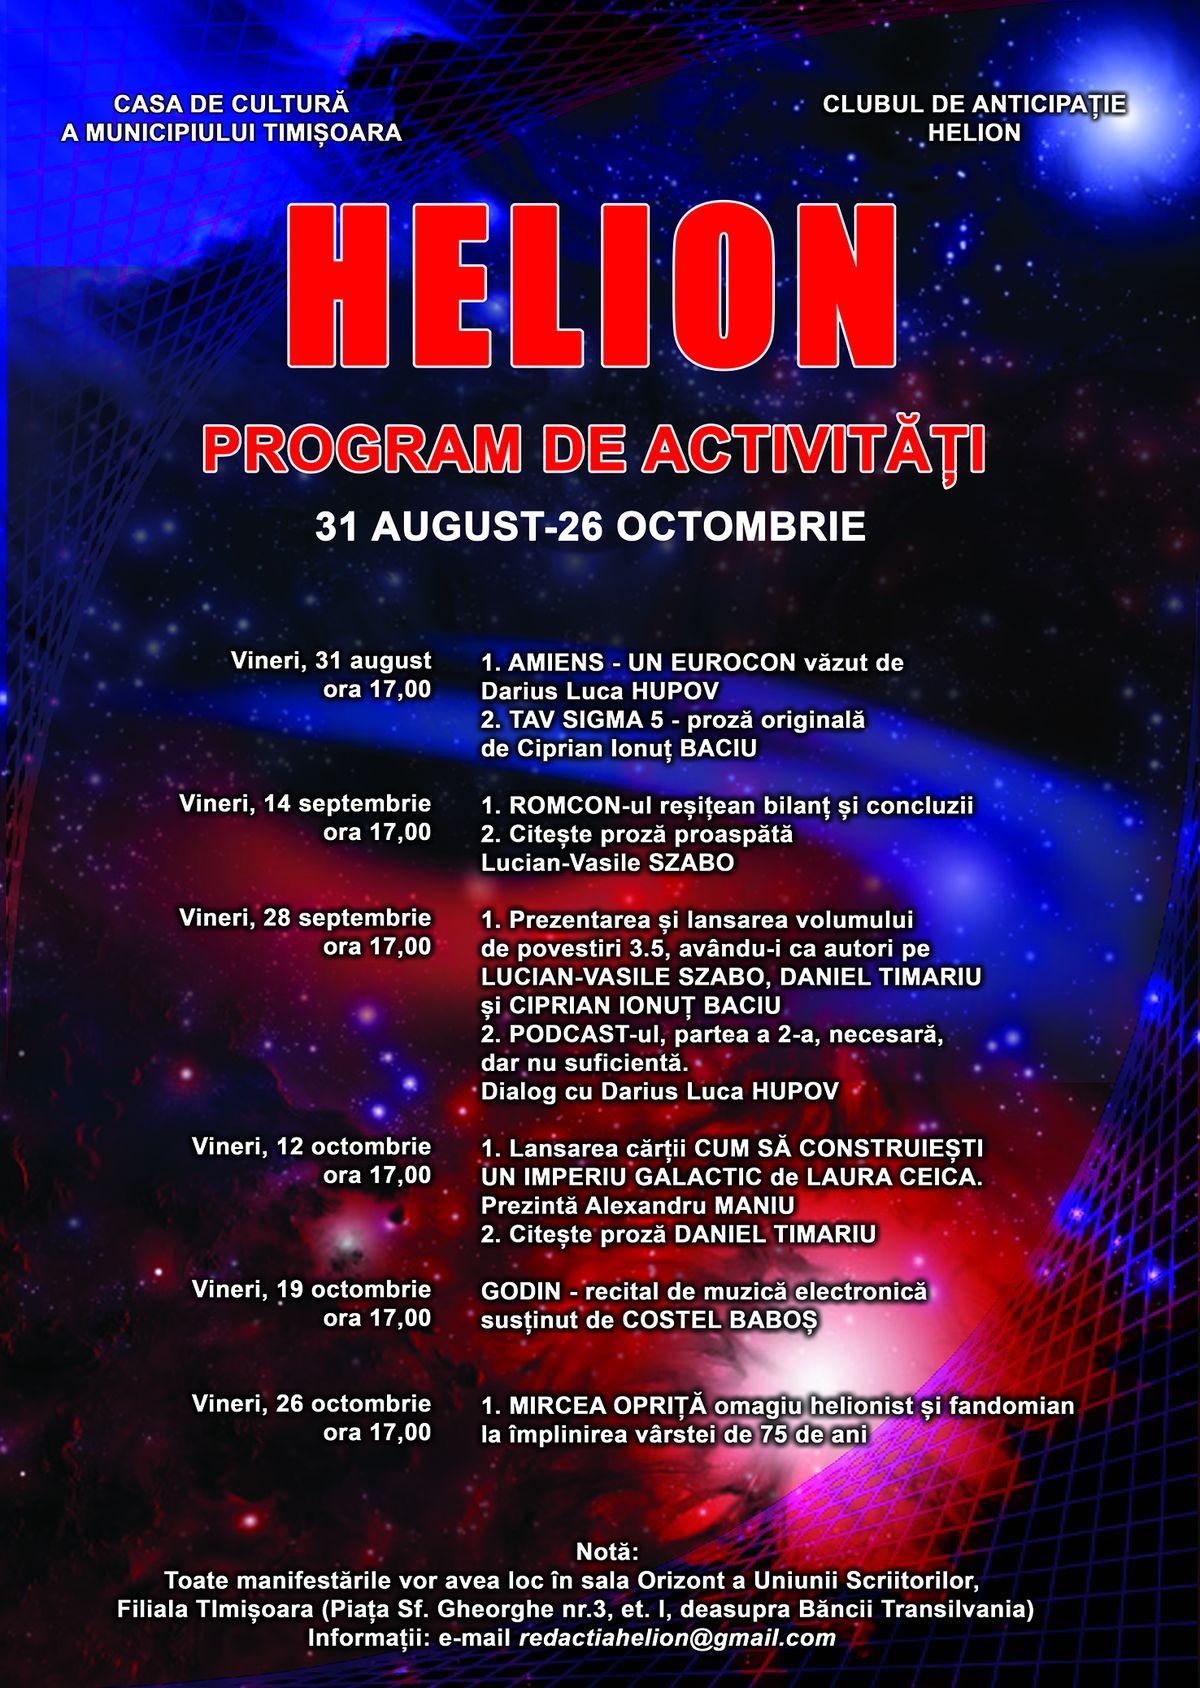 HELION - program de activități 31 august - 26 octombrie 2018